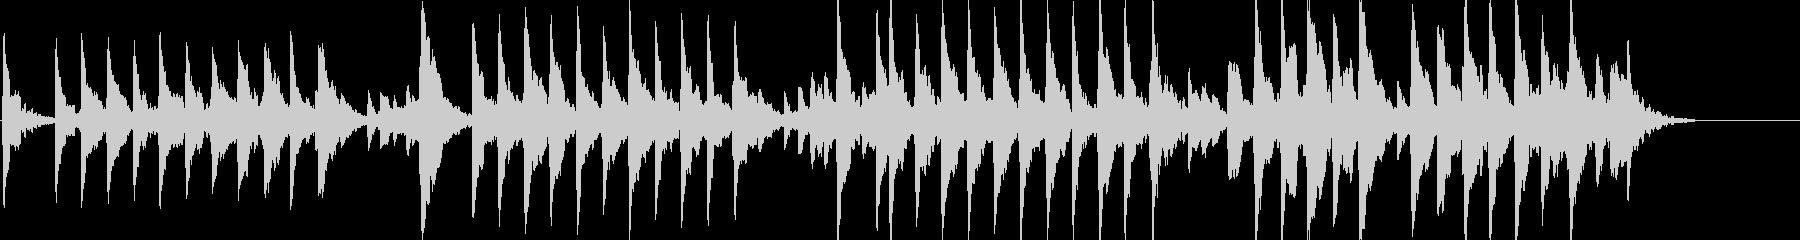 童謡「夕焼け小焼け」オルゴールbpm96の未再生の波形